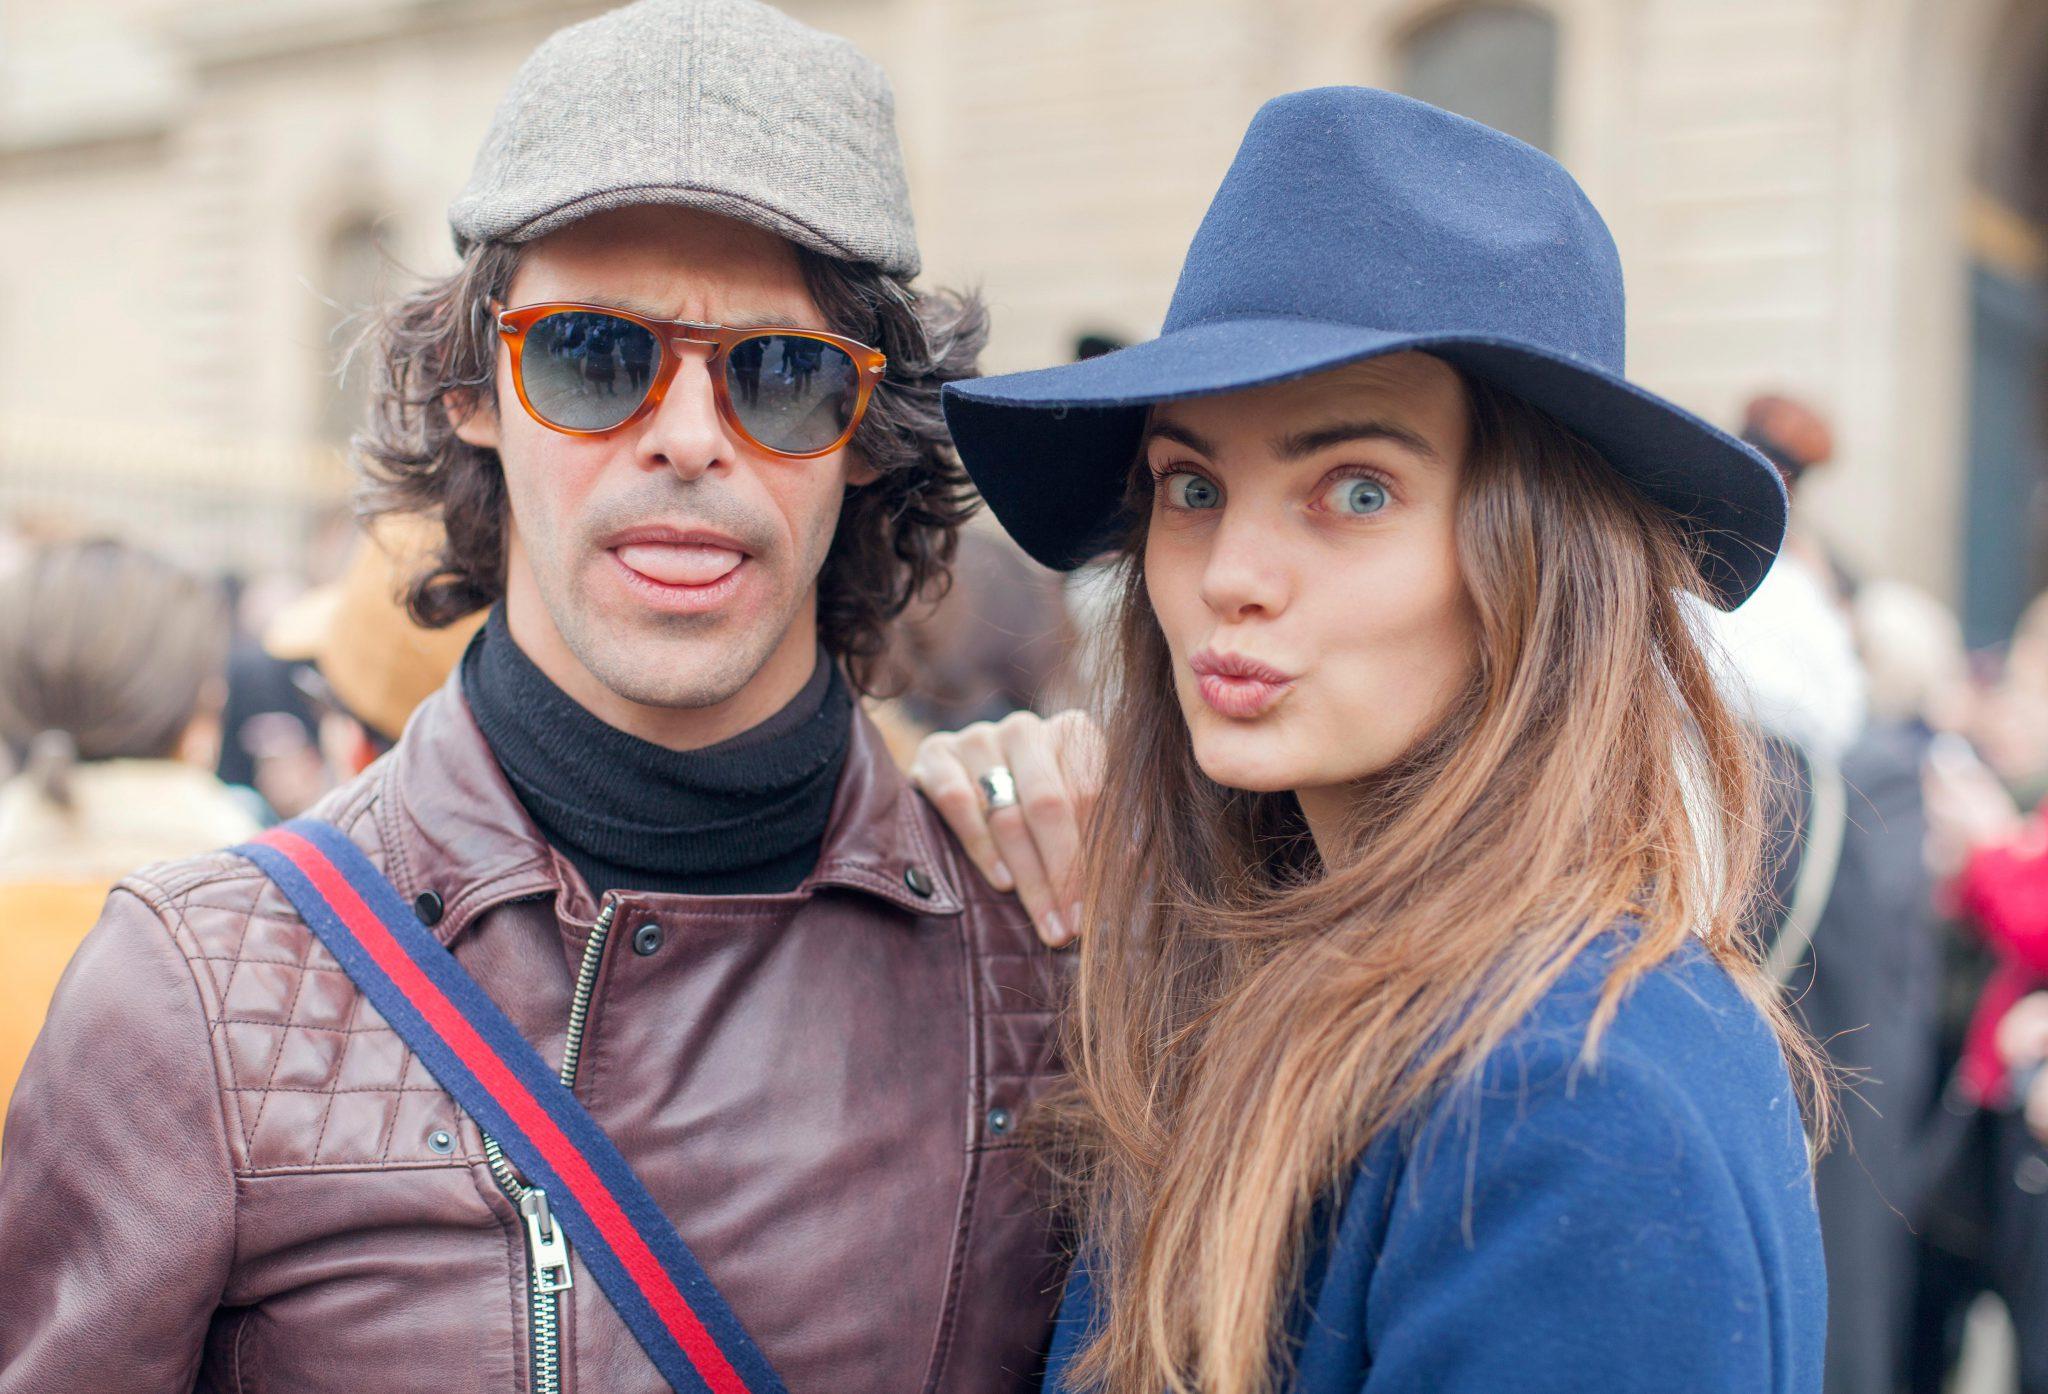 Cristo Zigh & Delfina Morbelli - © Adriano Truscello photography